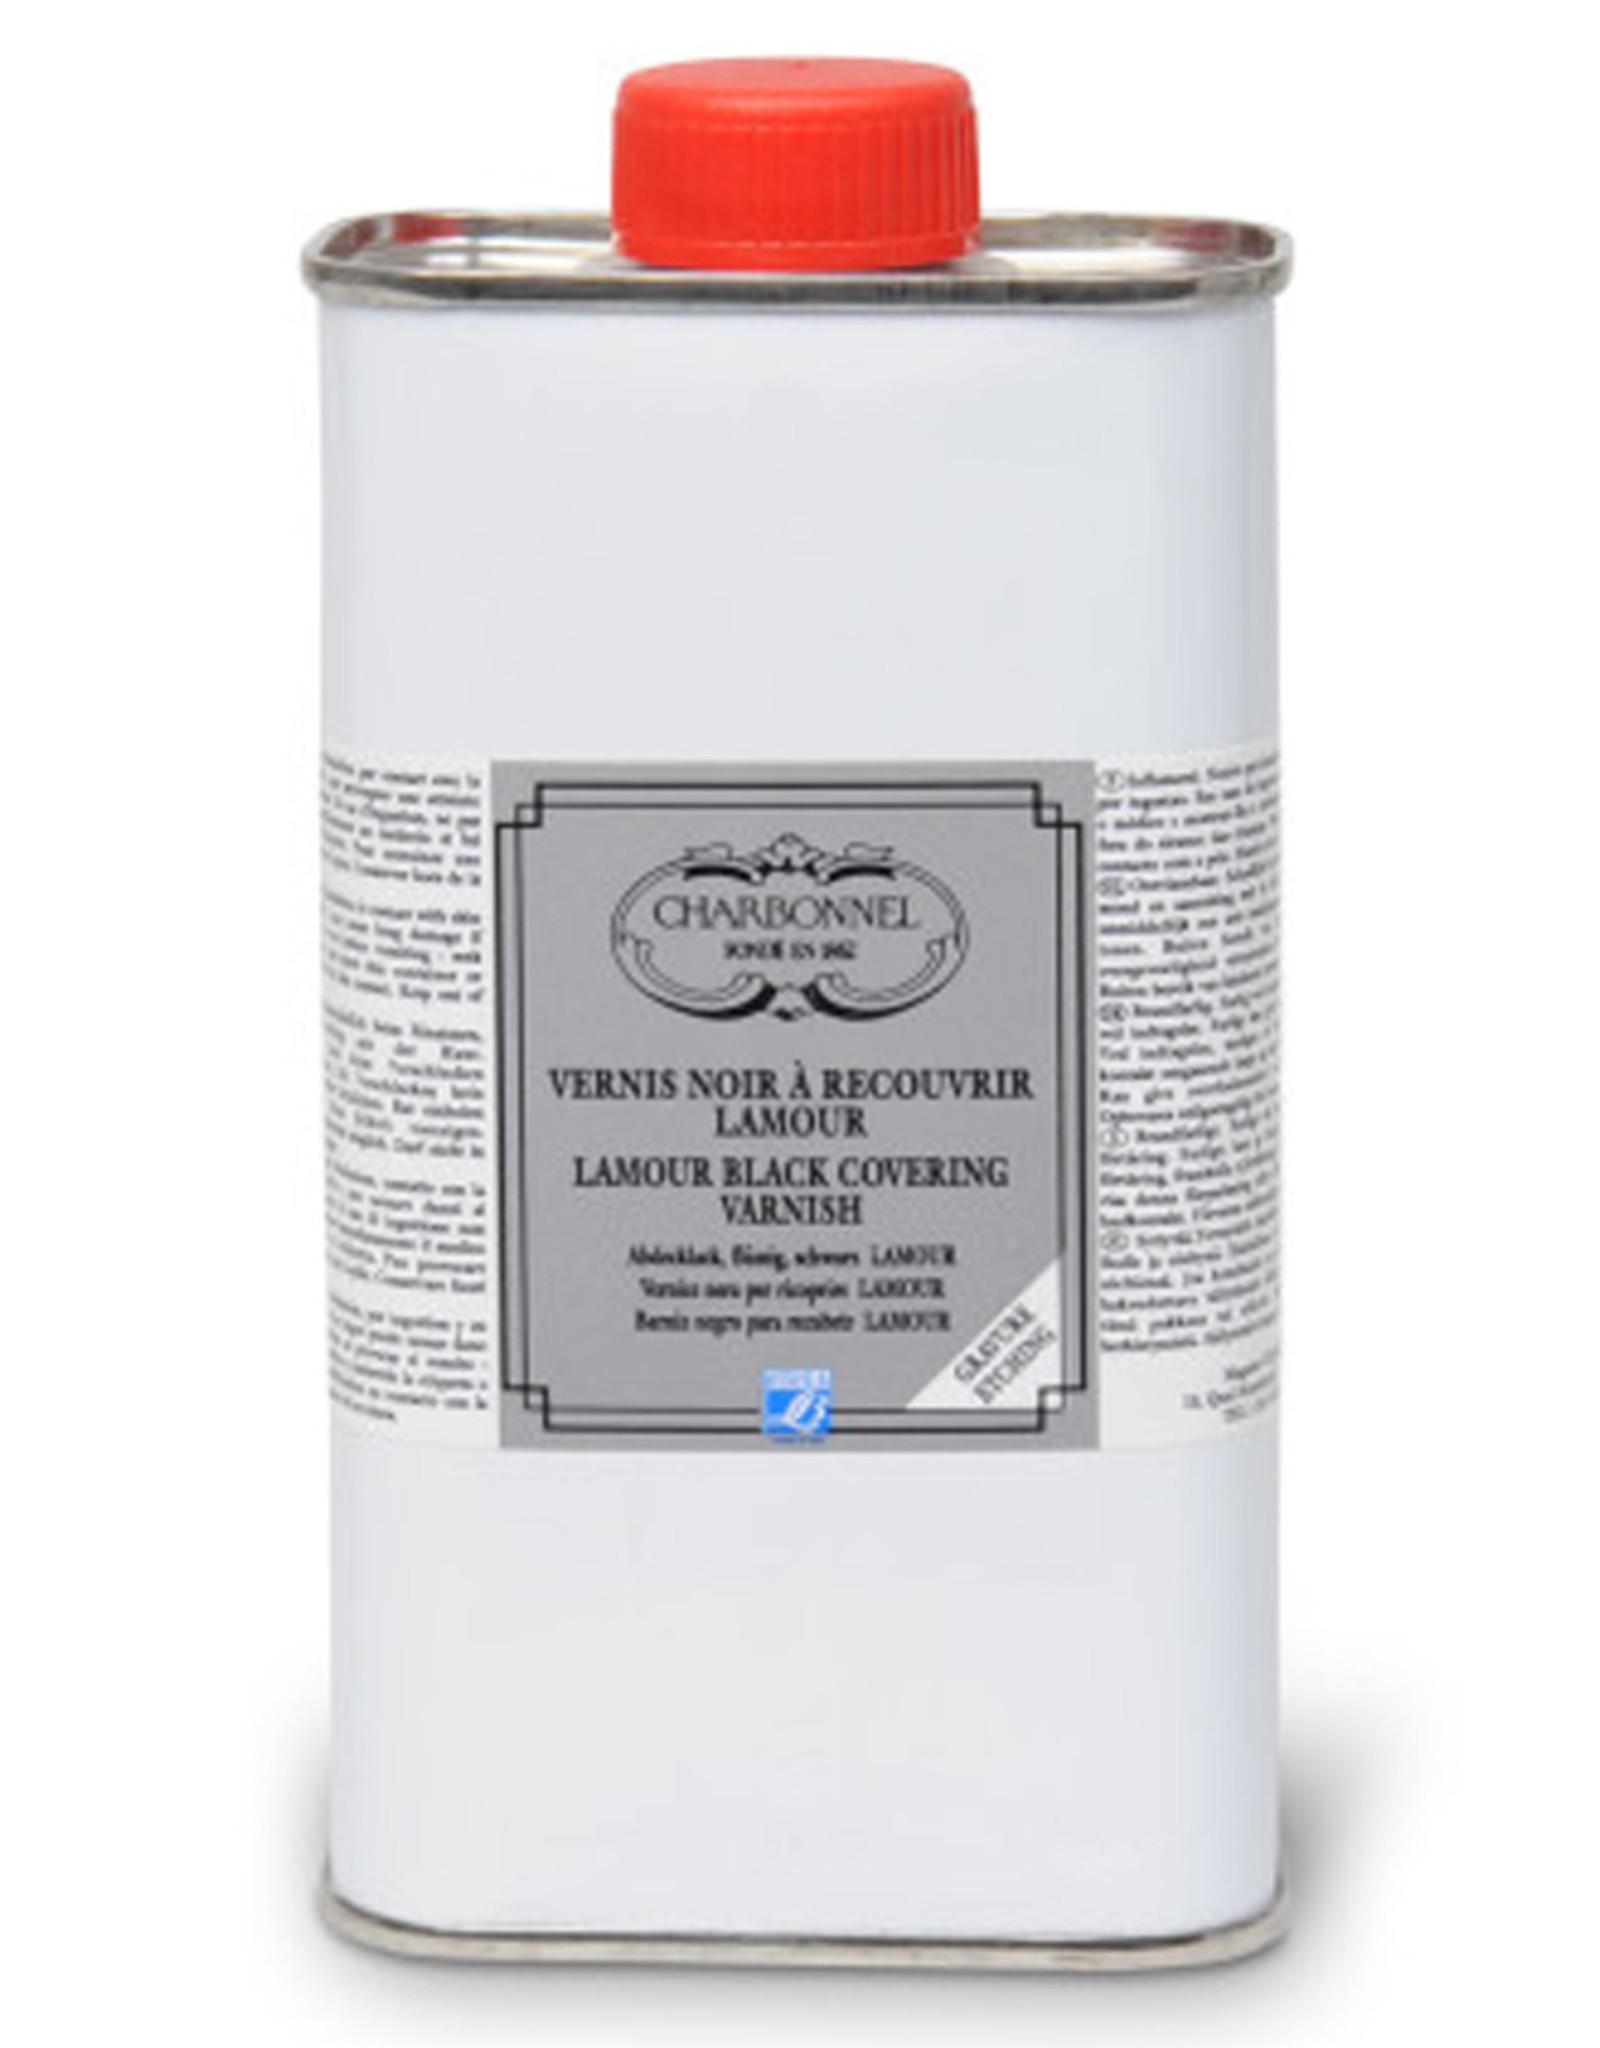 L&B Charbonnel Etsgrond Lamour Satine 75 ml Charbonnel. Lamour Satine zit wat dikker in de pot, en droogt daarmee relatief langzaam, zorgt op de korte termijn (tot 30 minuten) voor iets dikkere lijnen in de grond als deze nog relatief zacht is. Na ongeveer 30 minuten ge